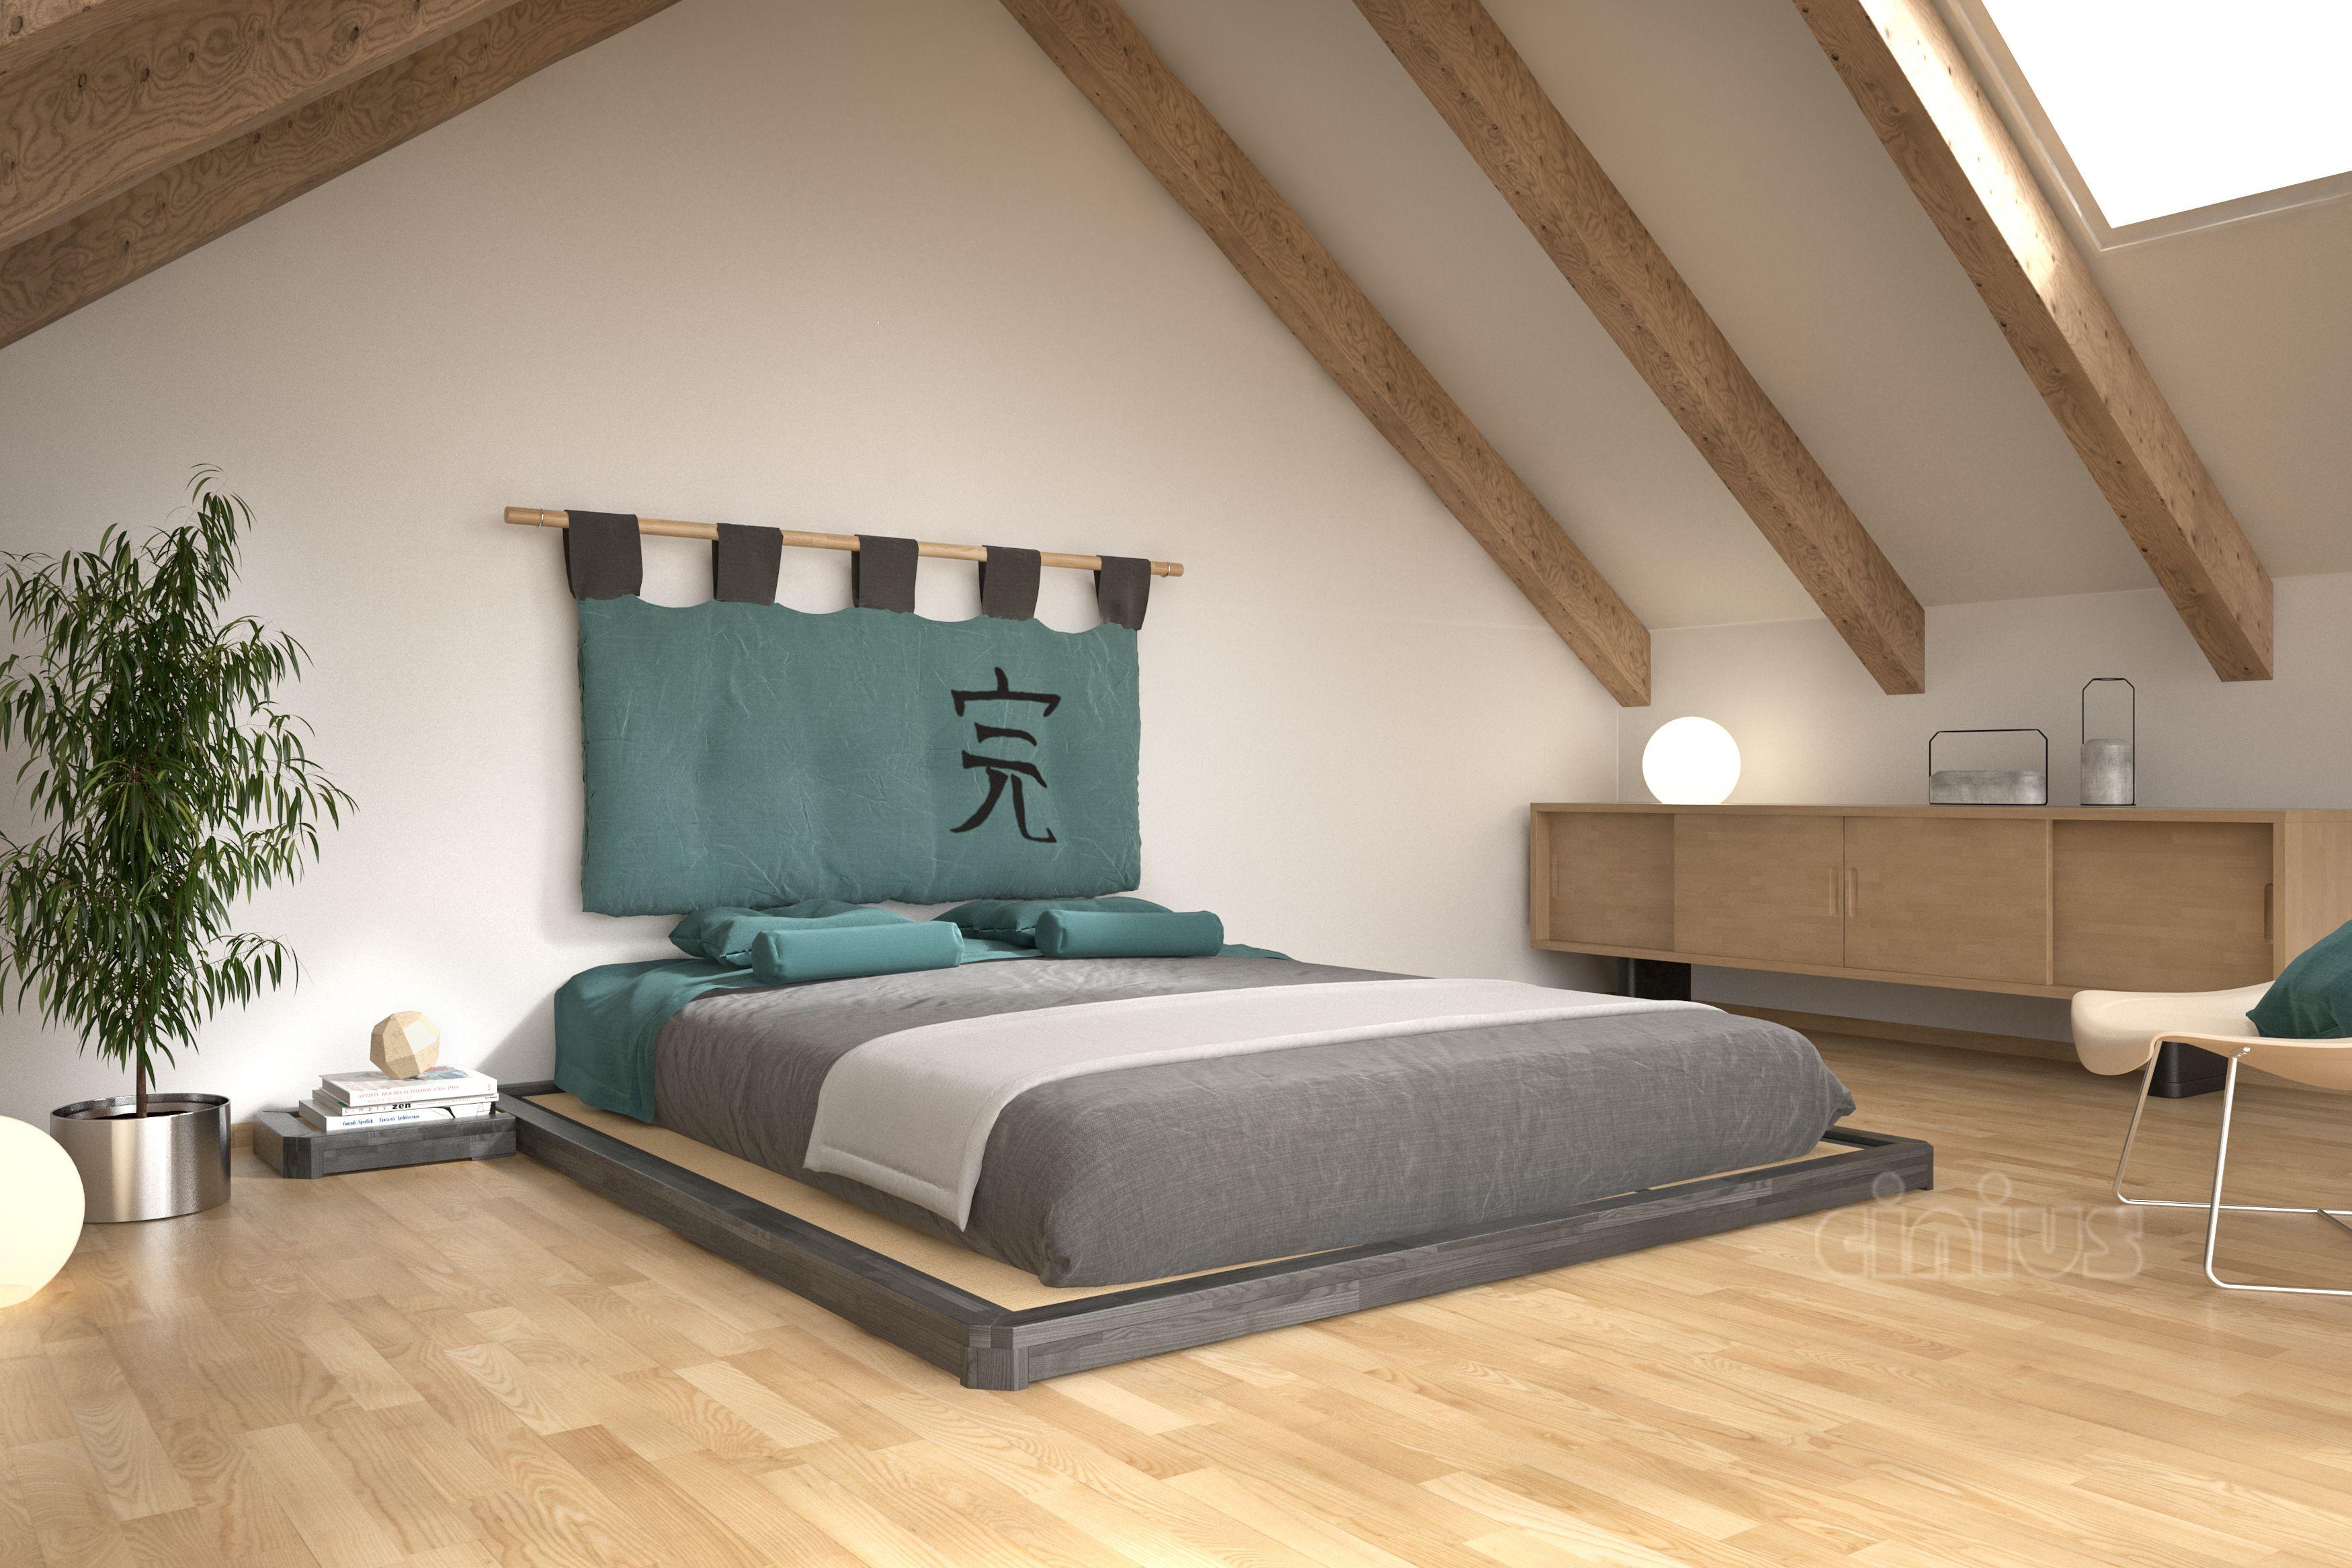 Camera Da Letto Giapponese letto dojo] ideale per chi ama lo stile giapponese, con la